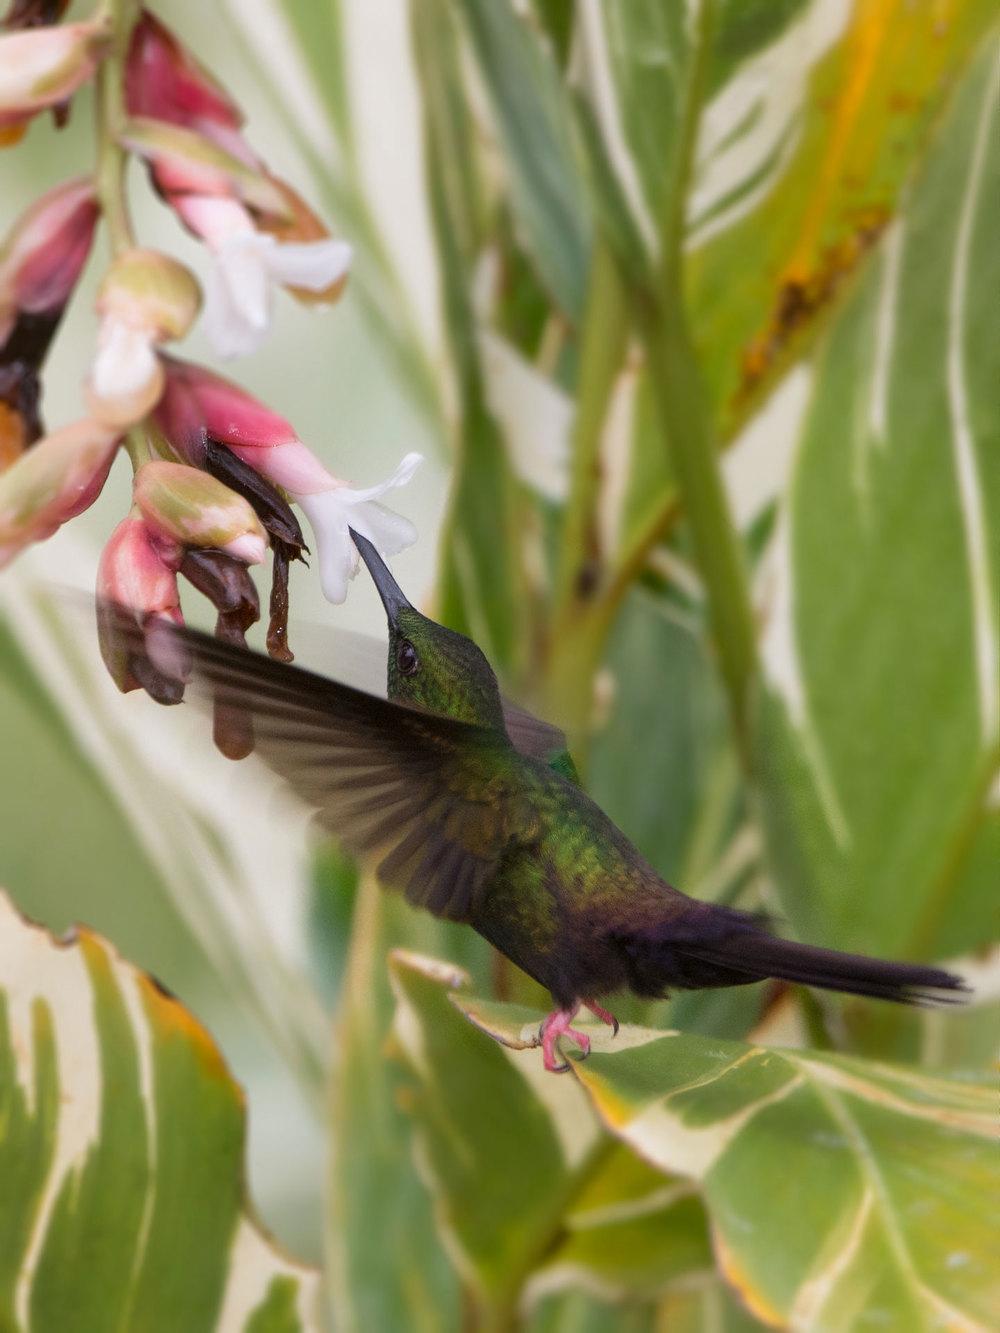 Hummingbird feeding - Rincon de La Vieja, Costa Rica Nikon D7200 + Nikon 200-400mm f4 VR1 @ ISO 400